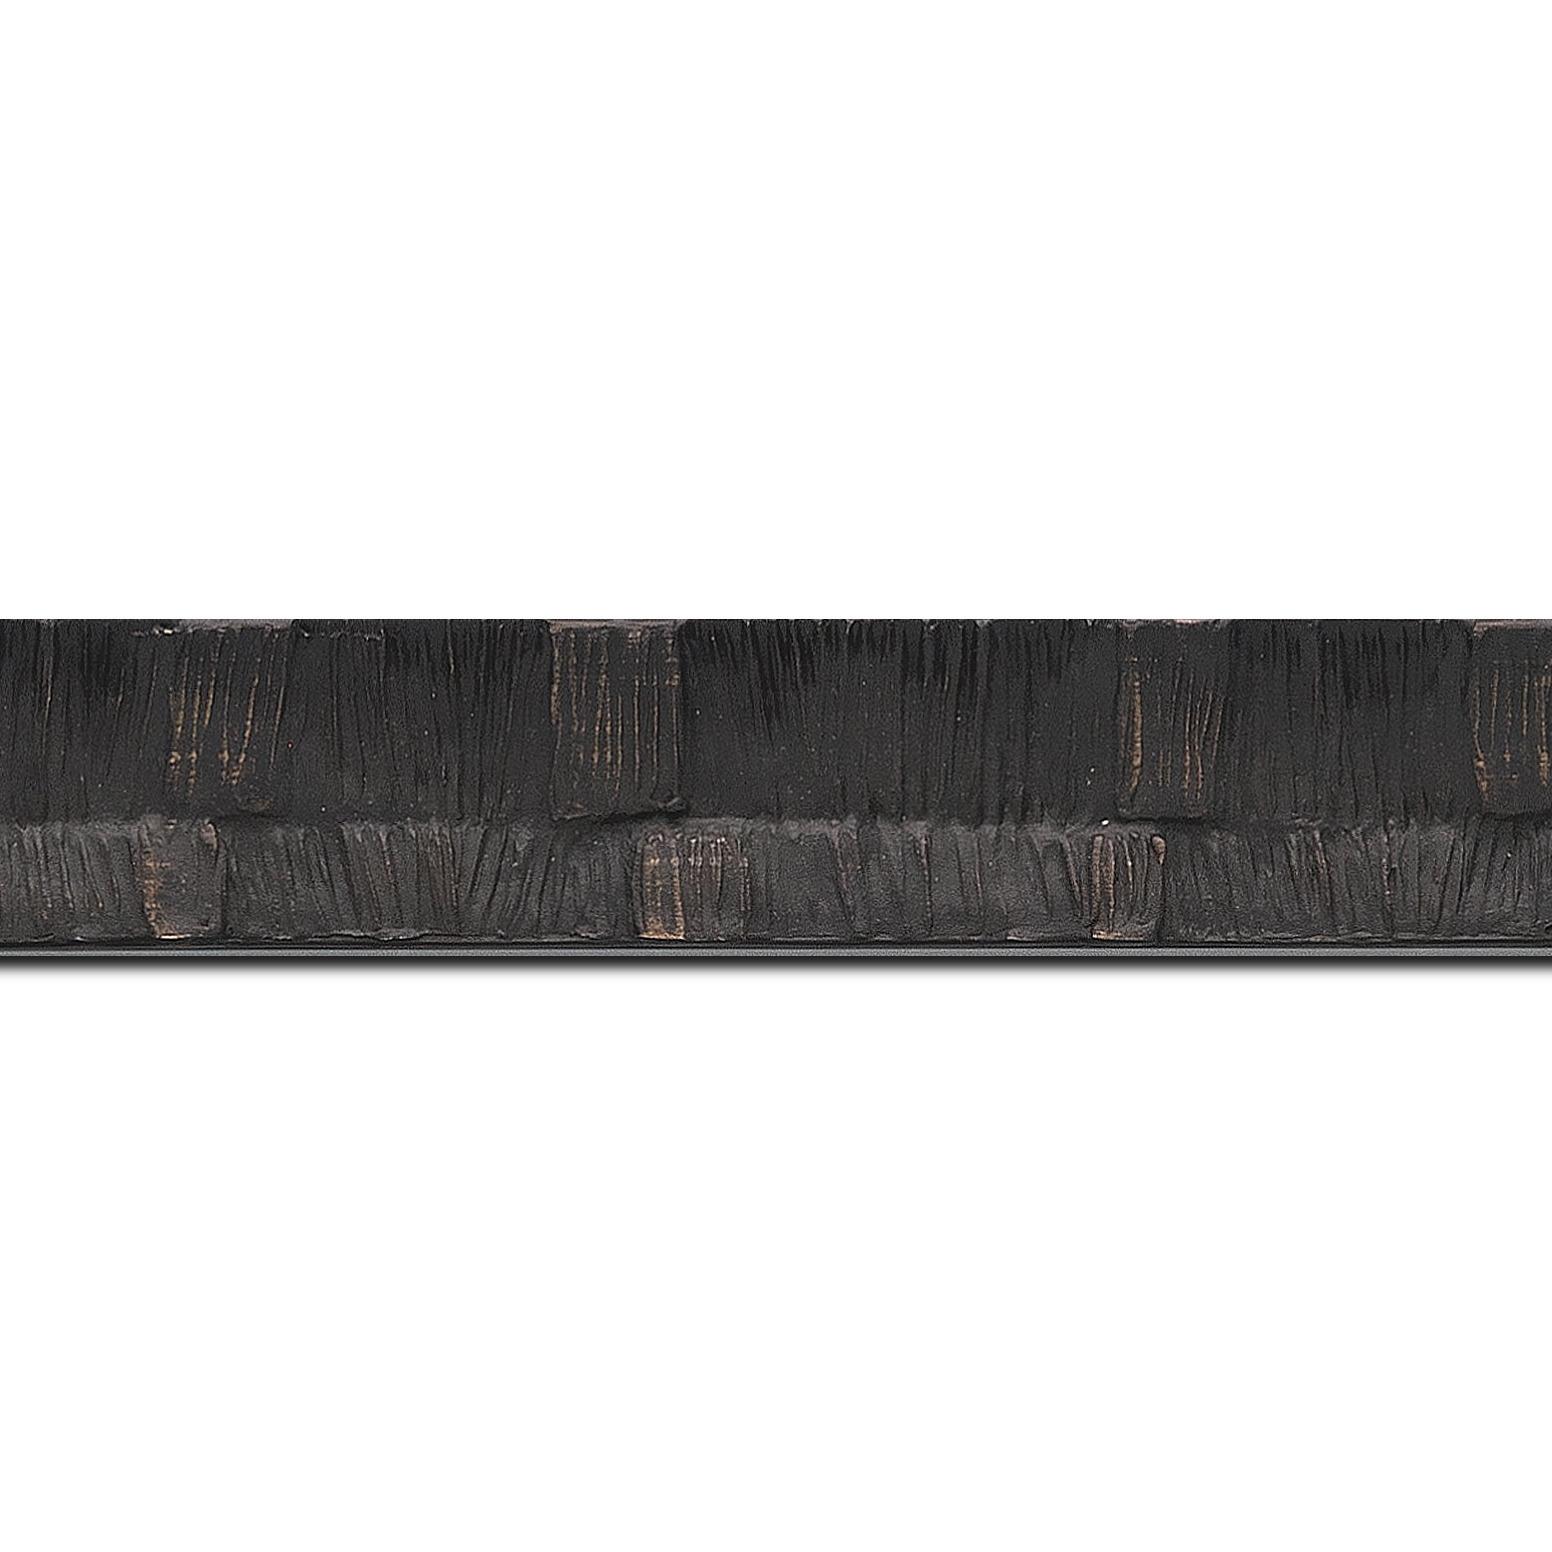 Baguette longueur 1.40m bois profil incurvé largeur 3cm  couleur noir ébène finition ethnique